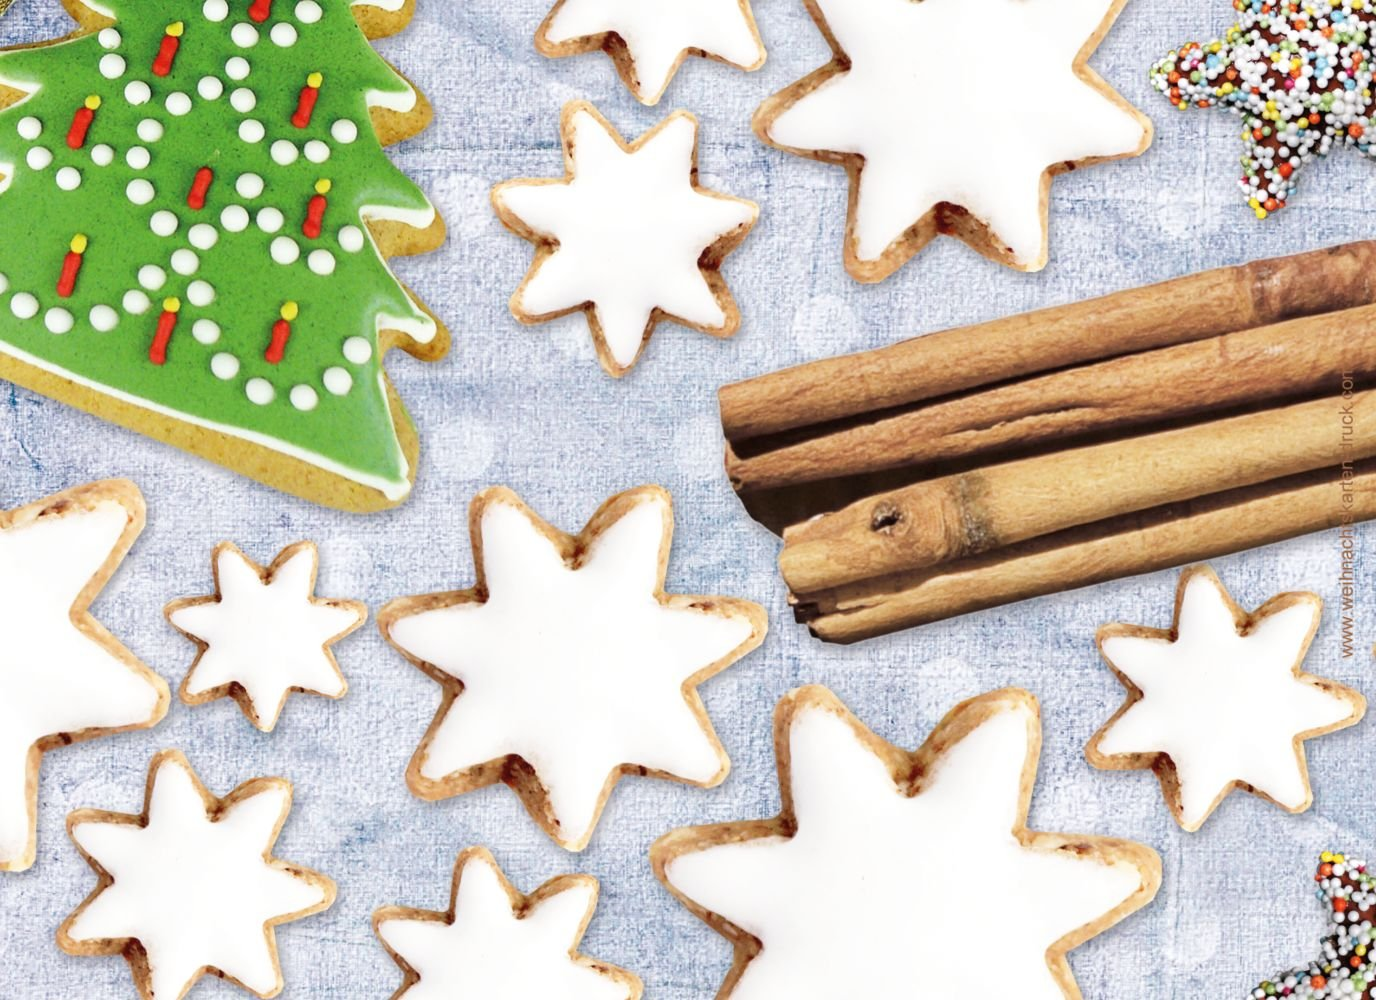 Kartenparadies Grußkarte Grußkarte Grußkarte Weihnachten Grußkarte Plätzchentisch, hochwertige Weihnachtsgrüße als Weihnachtskarte (Format  148x105 mm) Farbe  Beige B01NBU5U7Q   Perfekte Verarbeitung    Gewinnen Sie das Lob der Kunden    Spielze 806f52